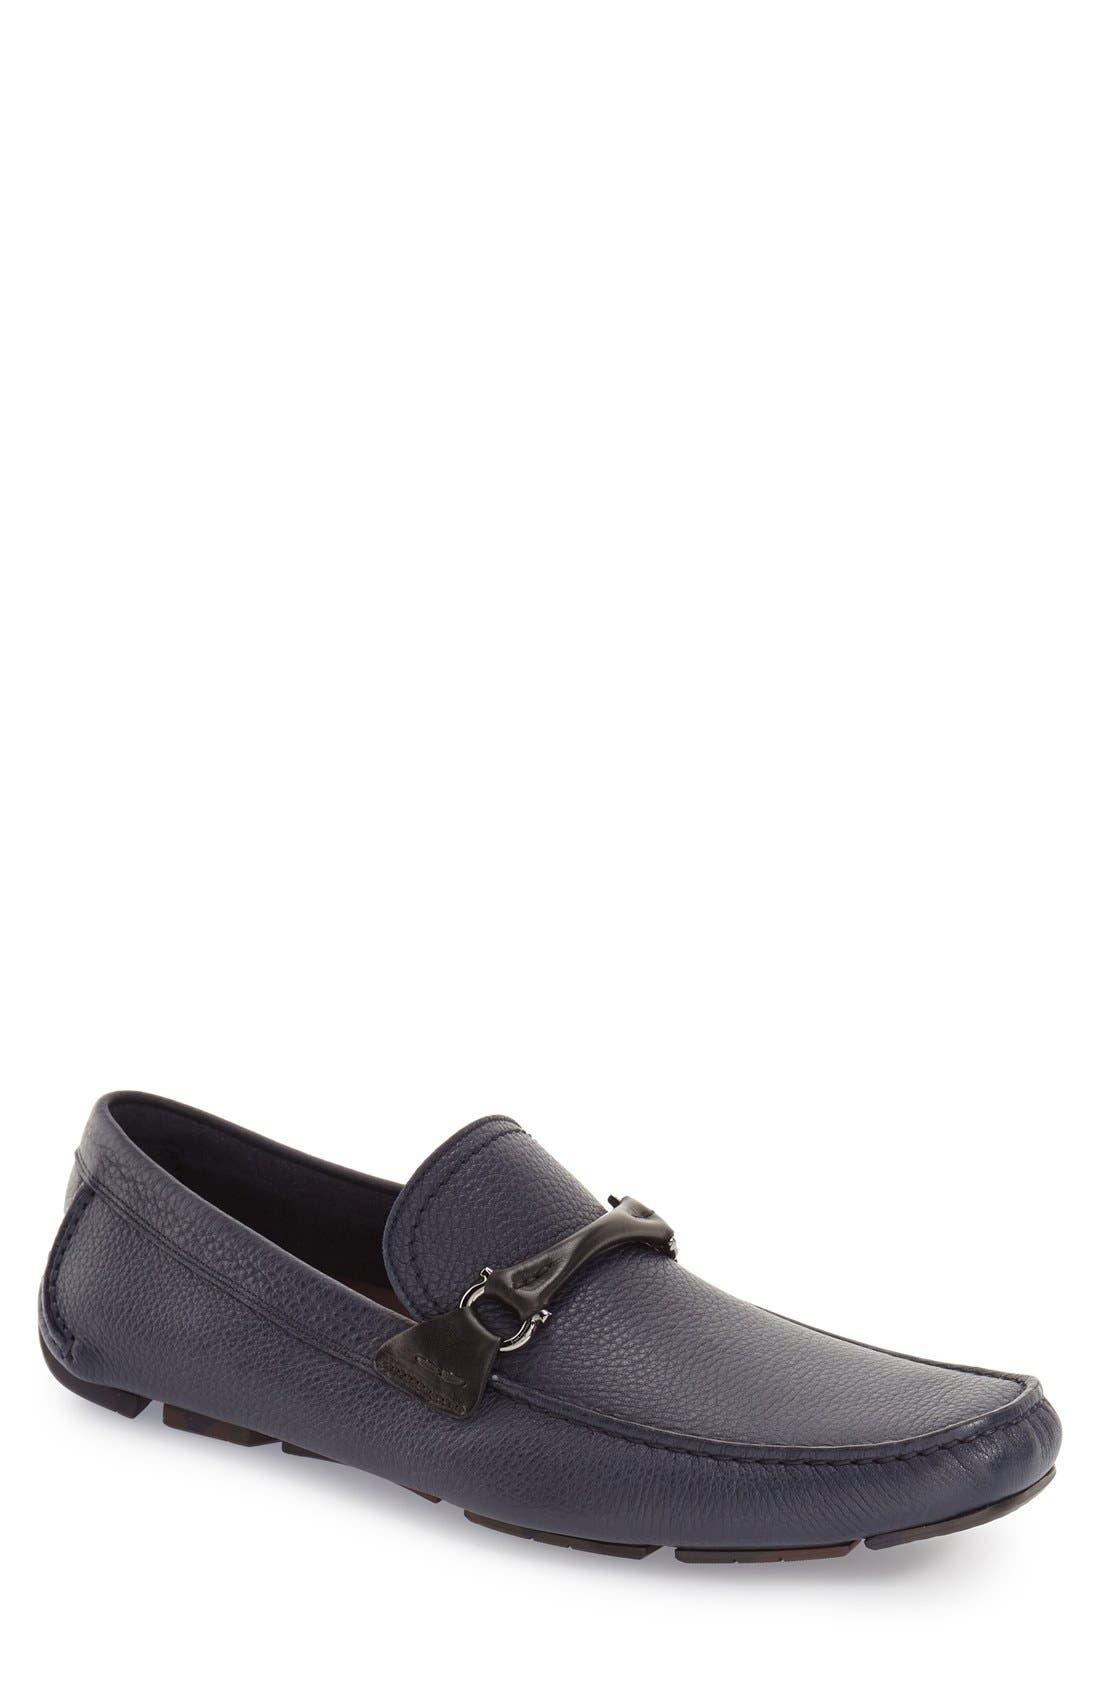 SALVATORE FERRAGAMO GranprixDriving Shoe, Main, color, BLUE MARIN LEATHER